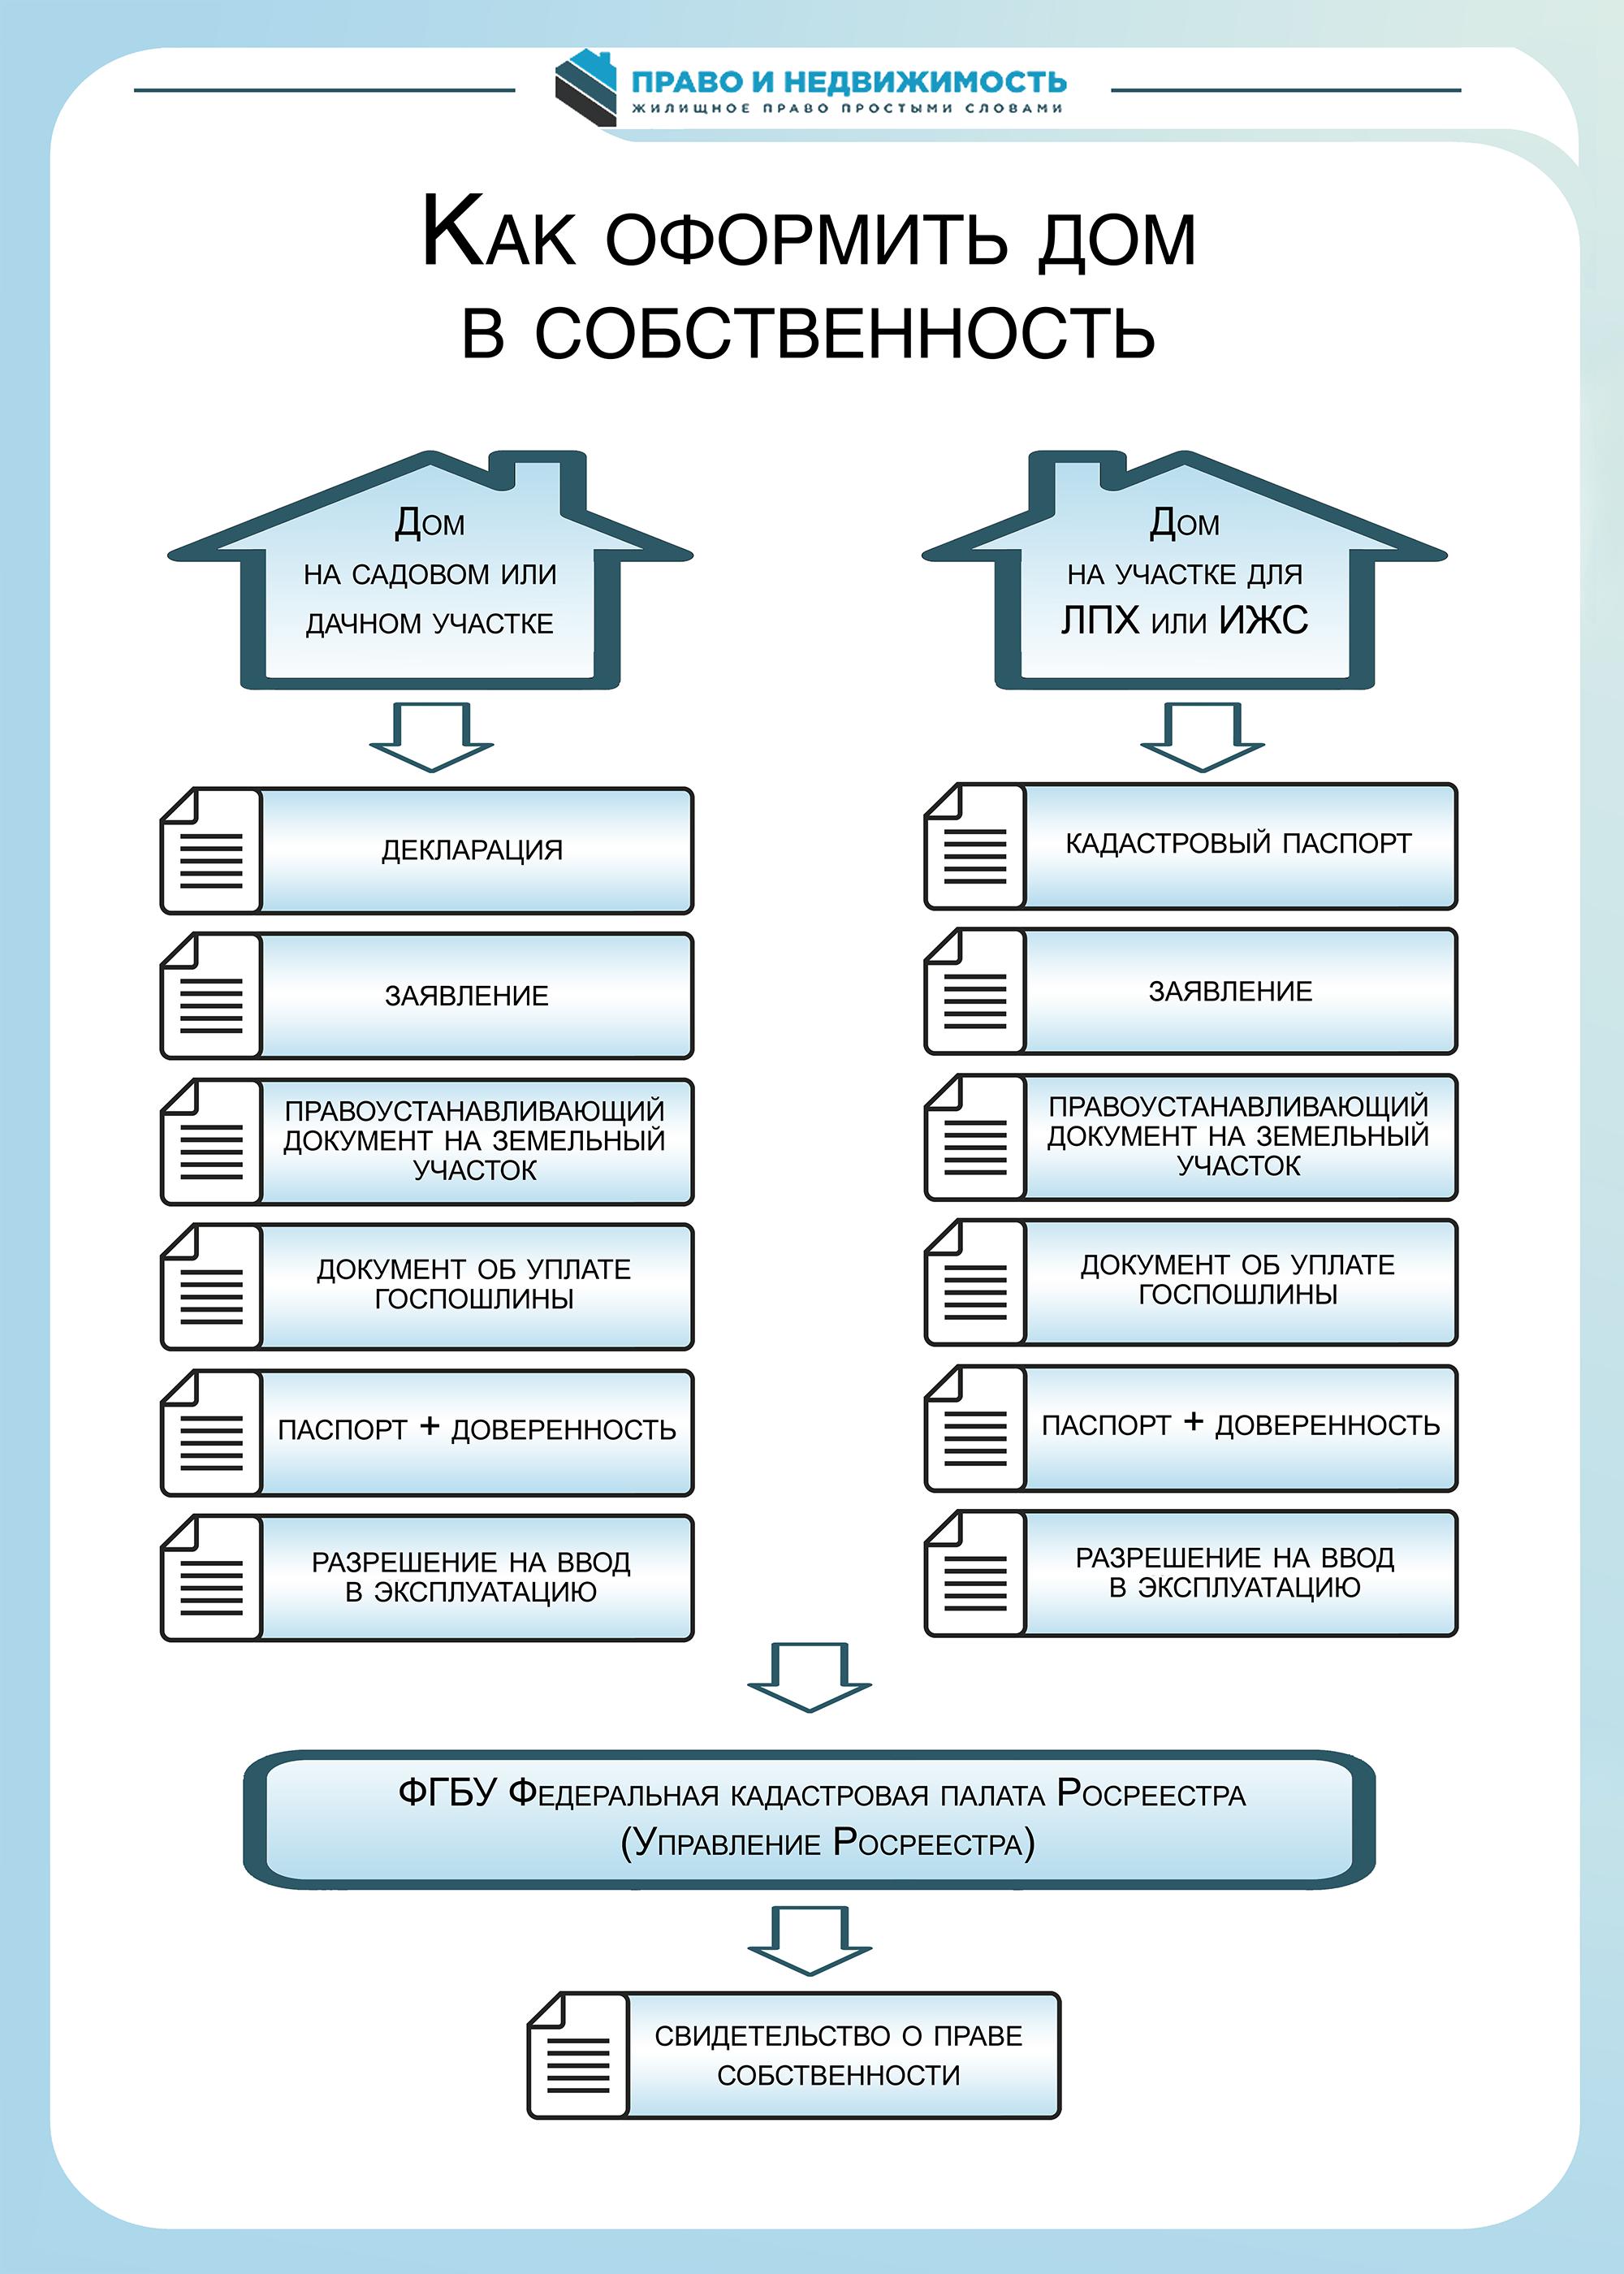 Регистрация дома в собственность в 2021 году: Инструкция, нюансы